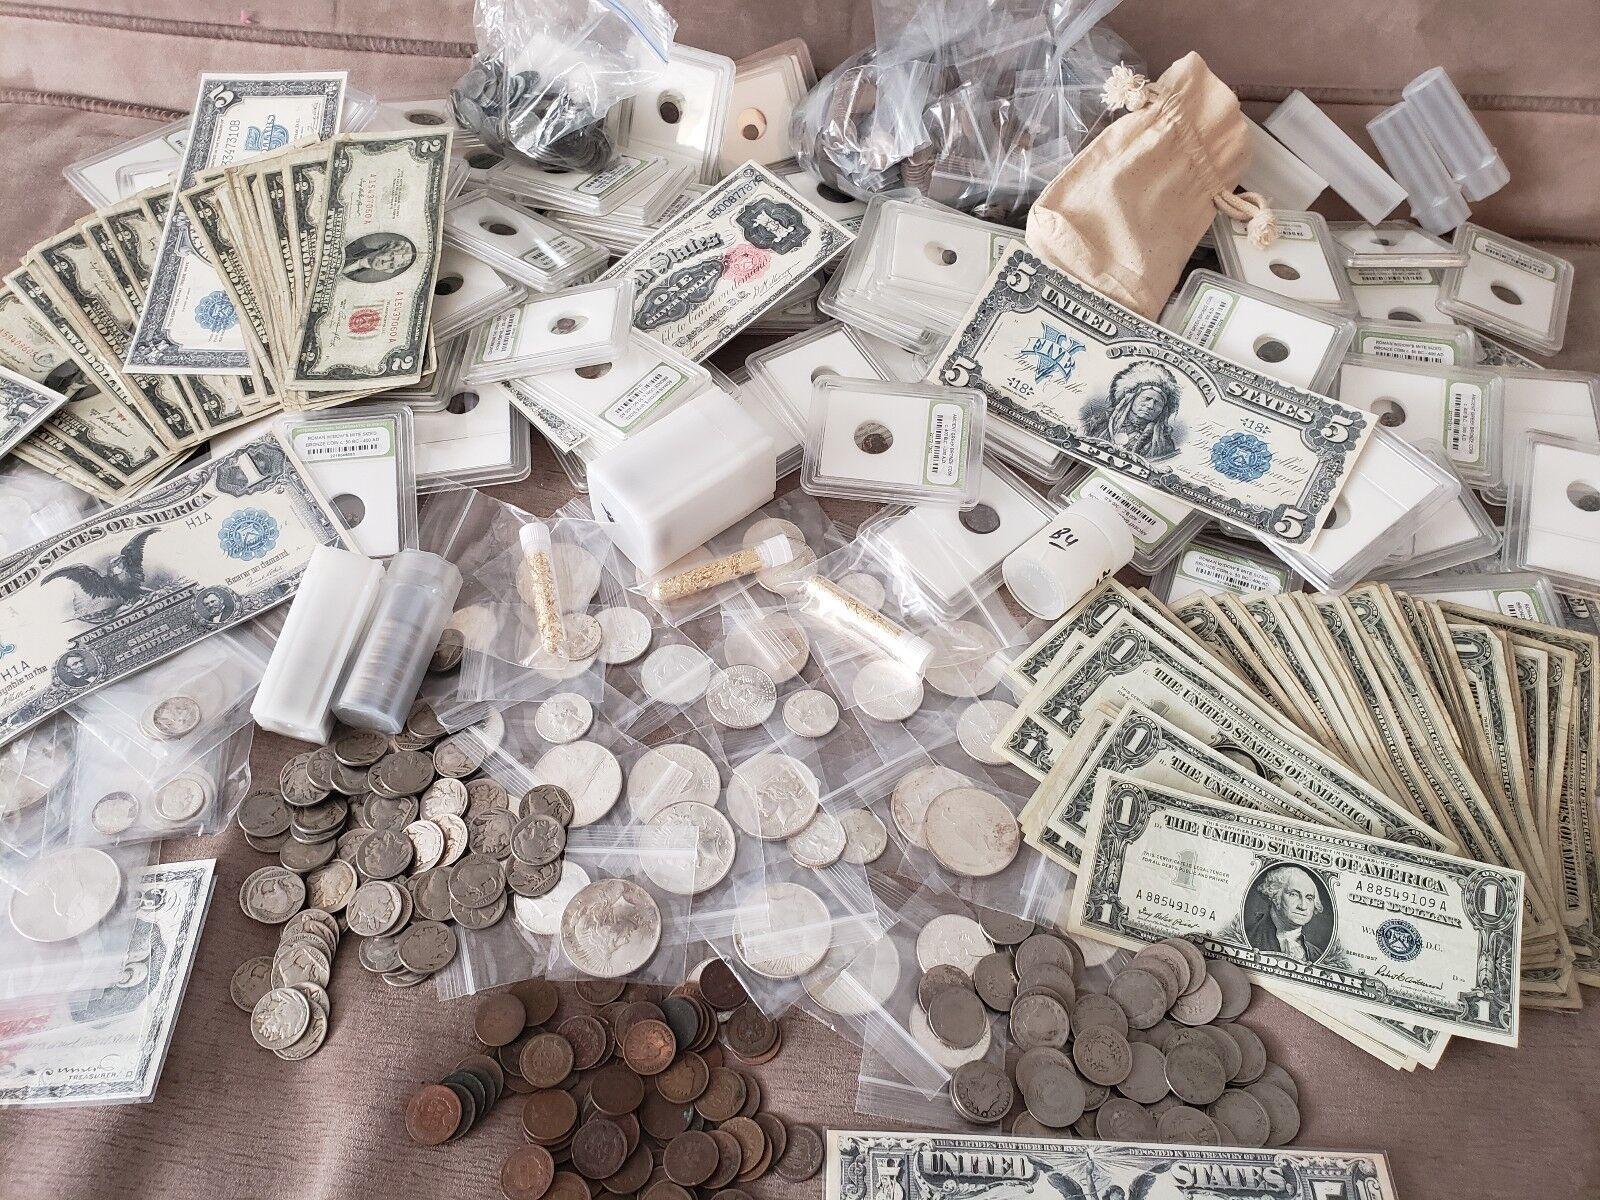 ESTATE LOT FIND, OLD US COINS, GOLD, .999 SILVER BARS, BULLION, RARE U.S. BILLS